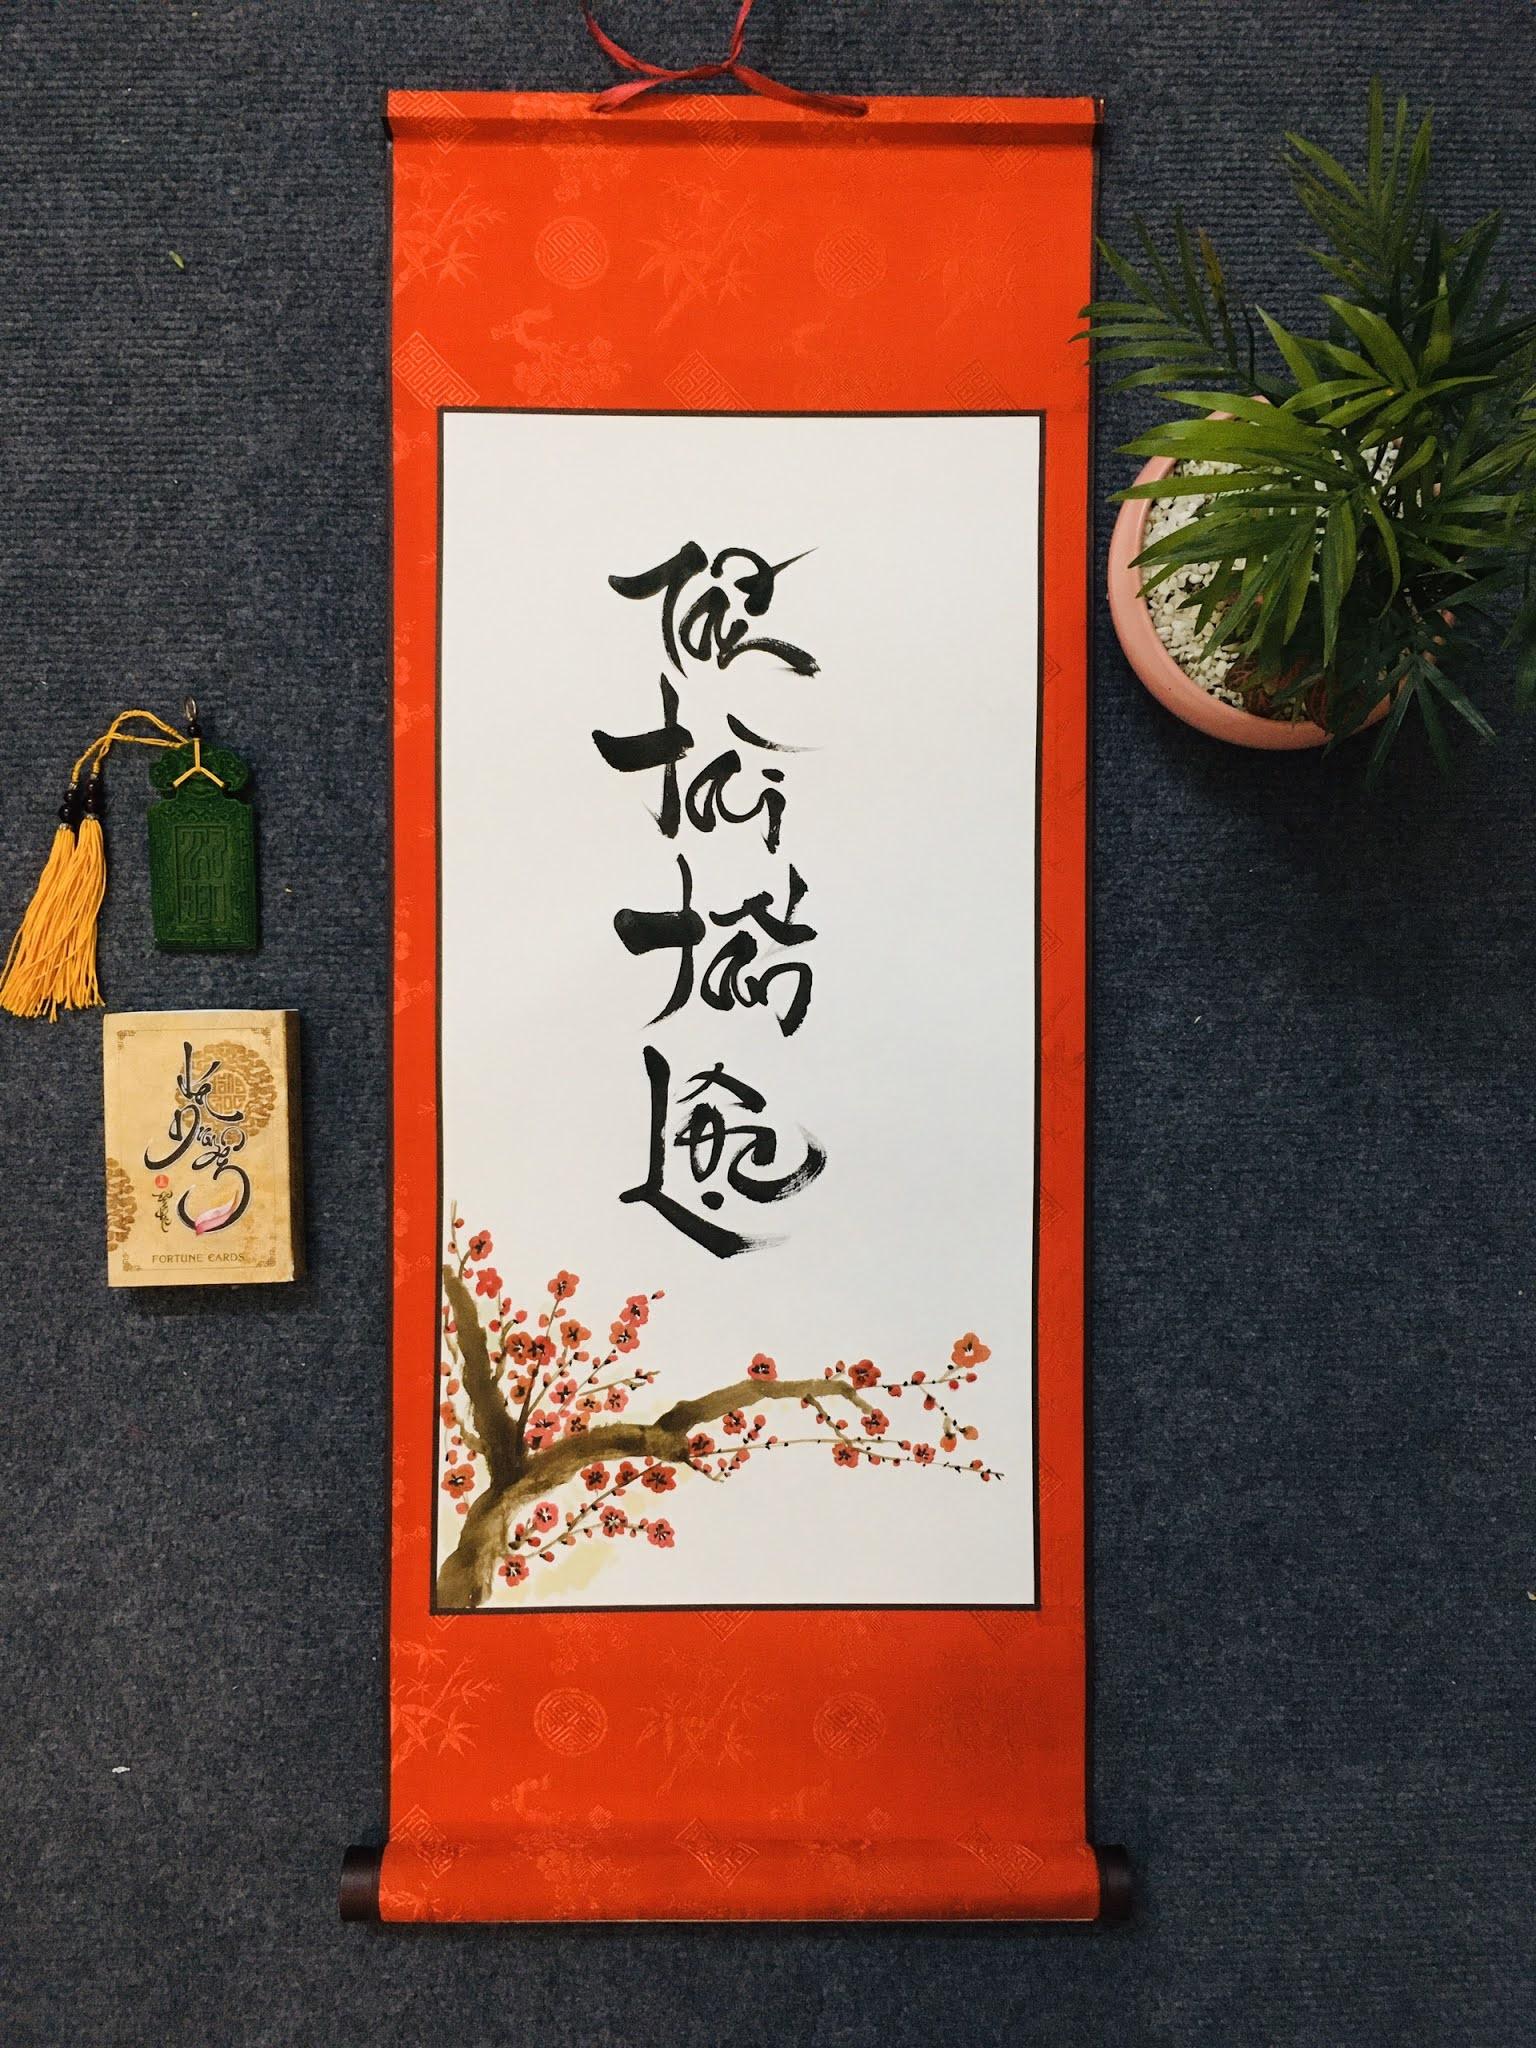 Sản phẩm thư pháp chào Xuân Tân Sửu 2021